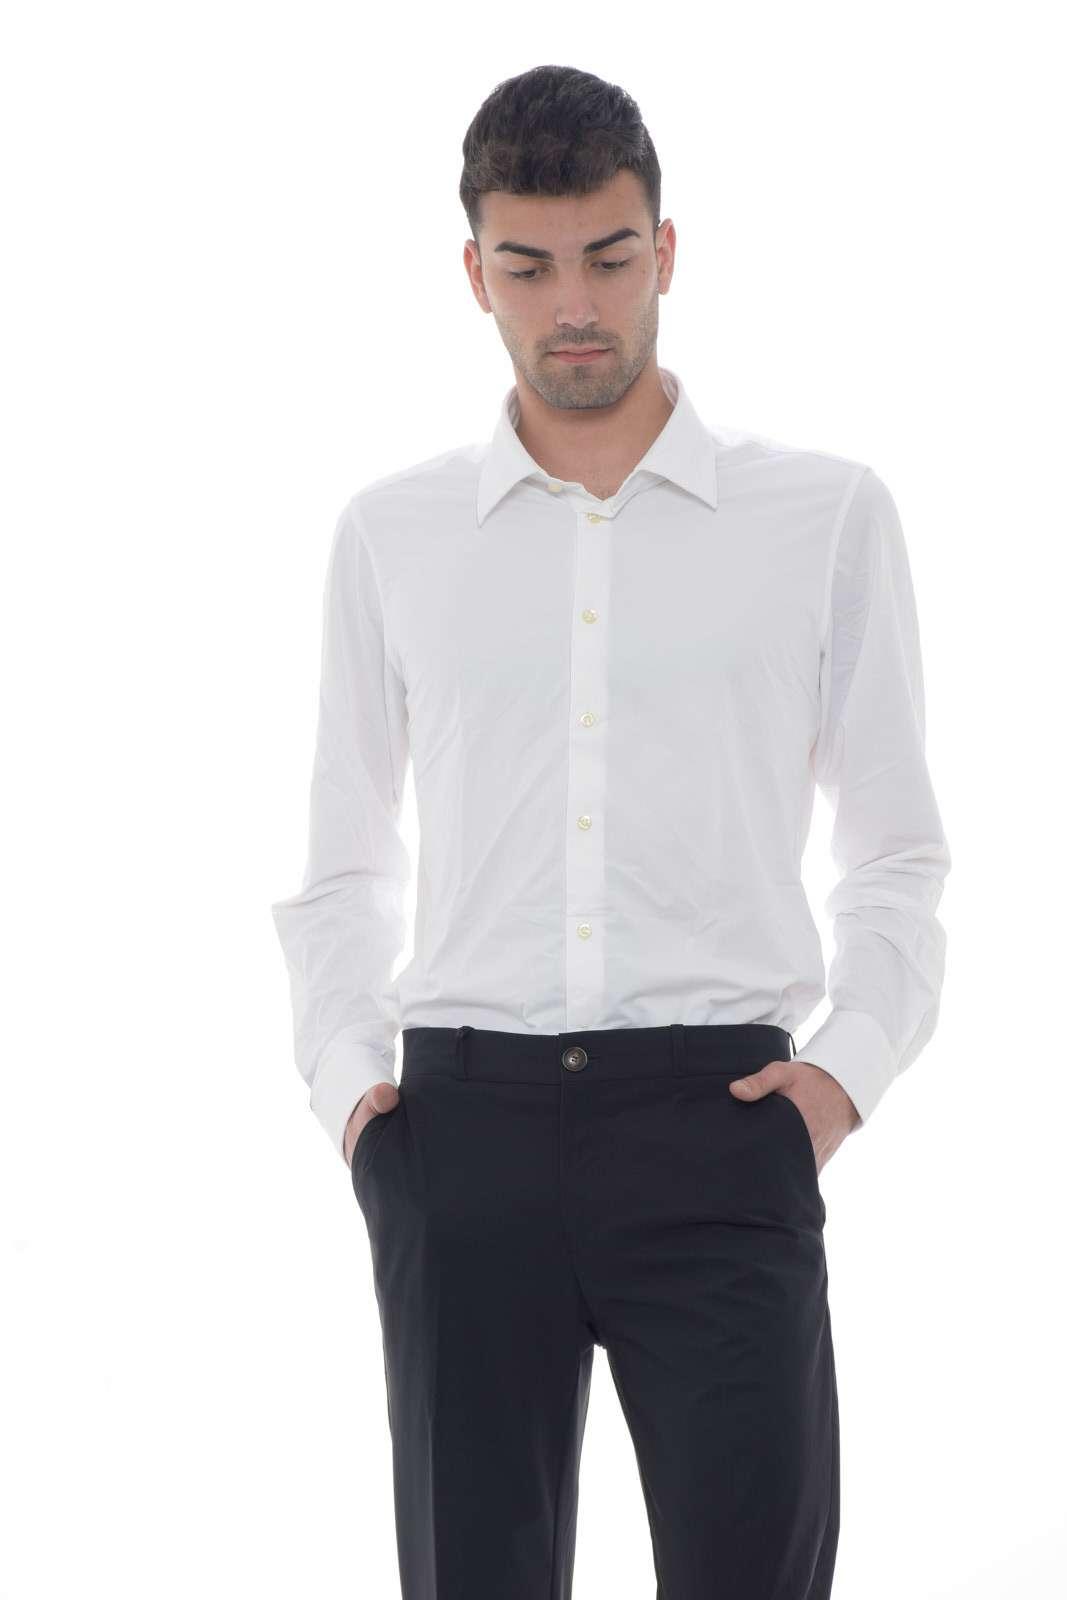 Una camicia dal gusto elegante e dall'esclusiva comodità quella proposta dalla collezione uomo RRD. Caratterizzata dal collo classico e dalla micro lavorazione rispetta ogni outfit. Da indossare sia in occasioni formali che non, conquista per la sua vestibilità slim. Il modello è alto 1.80m e indossa la taglia 48.